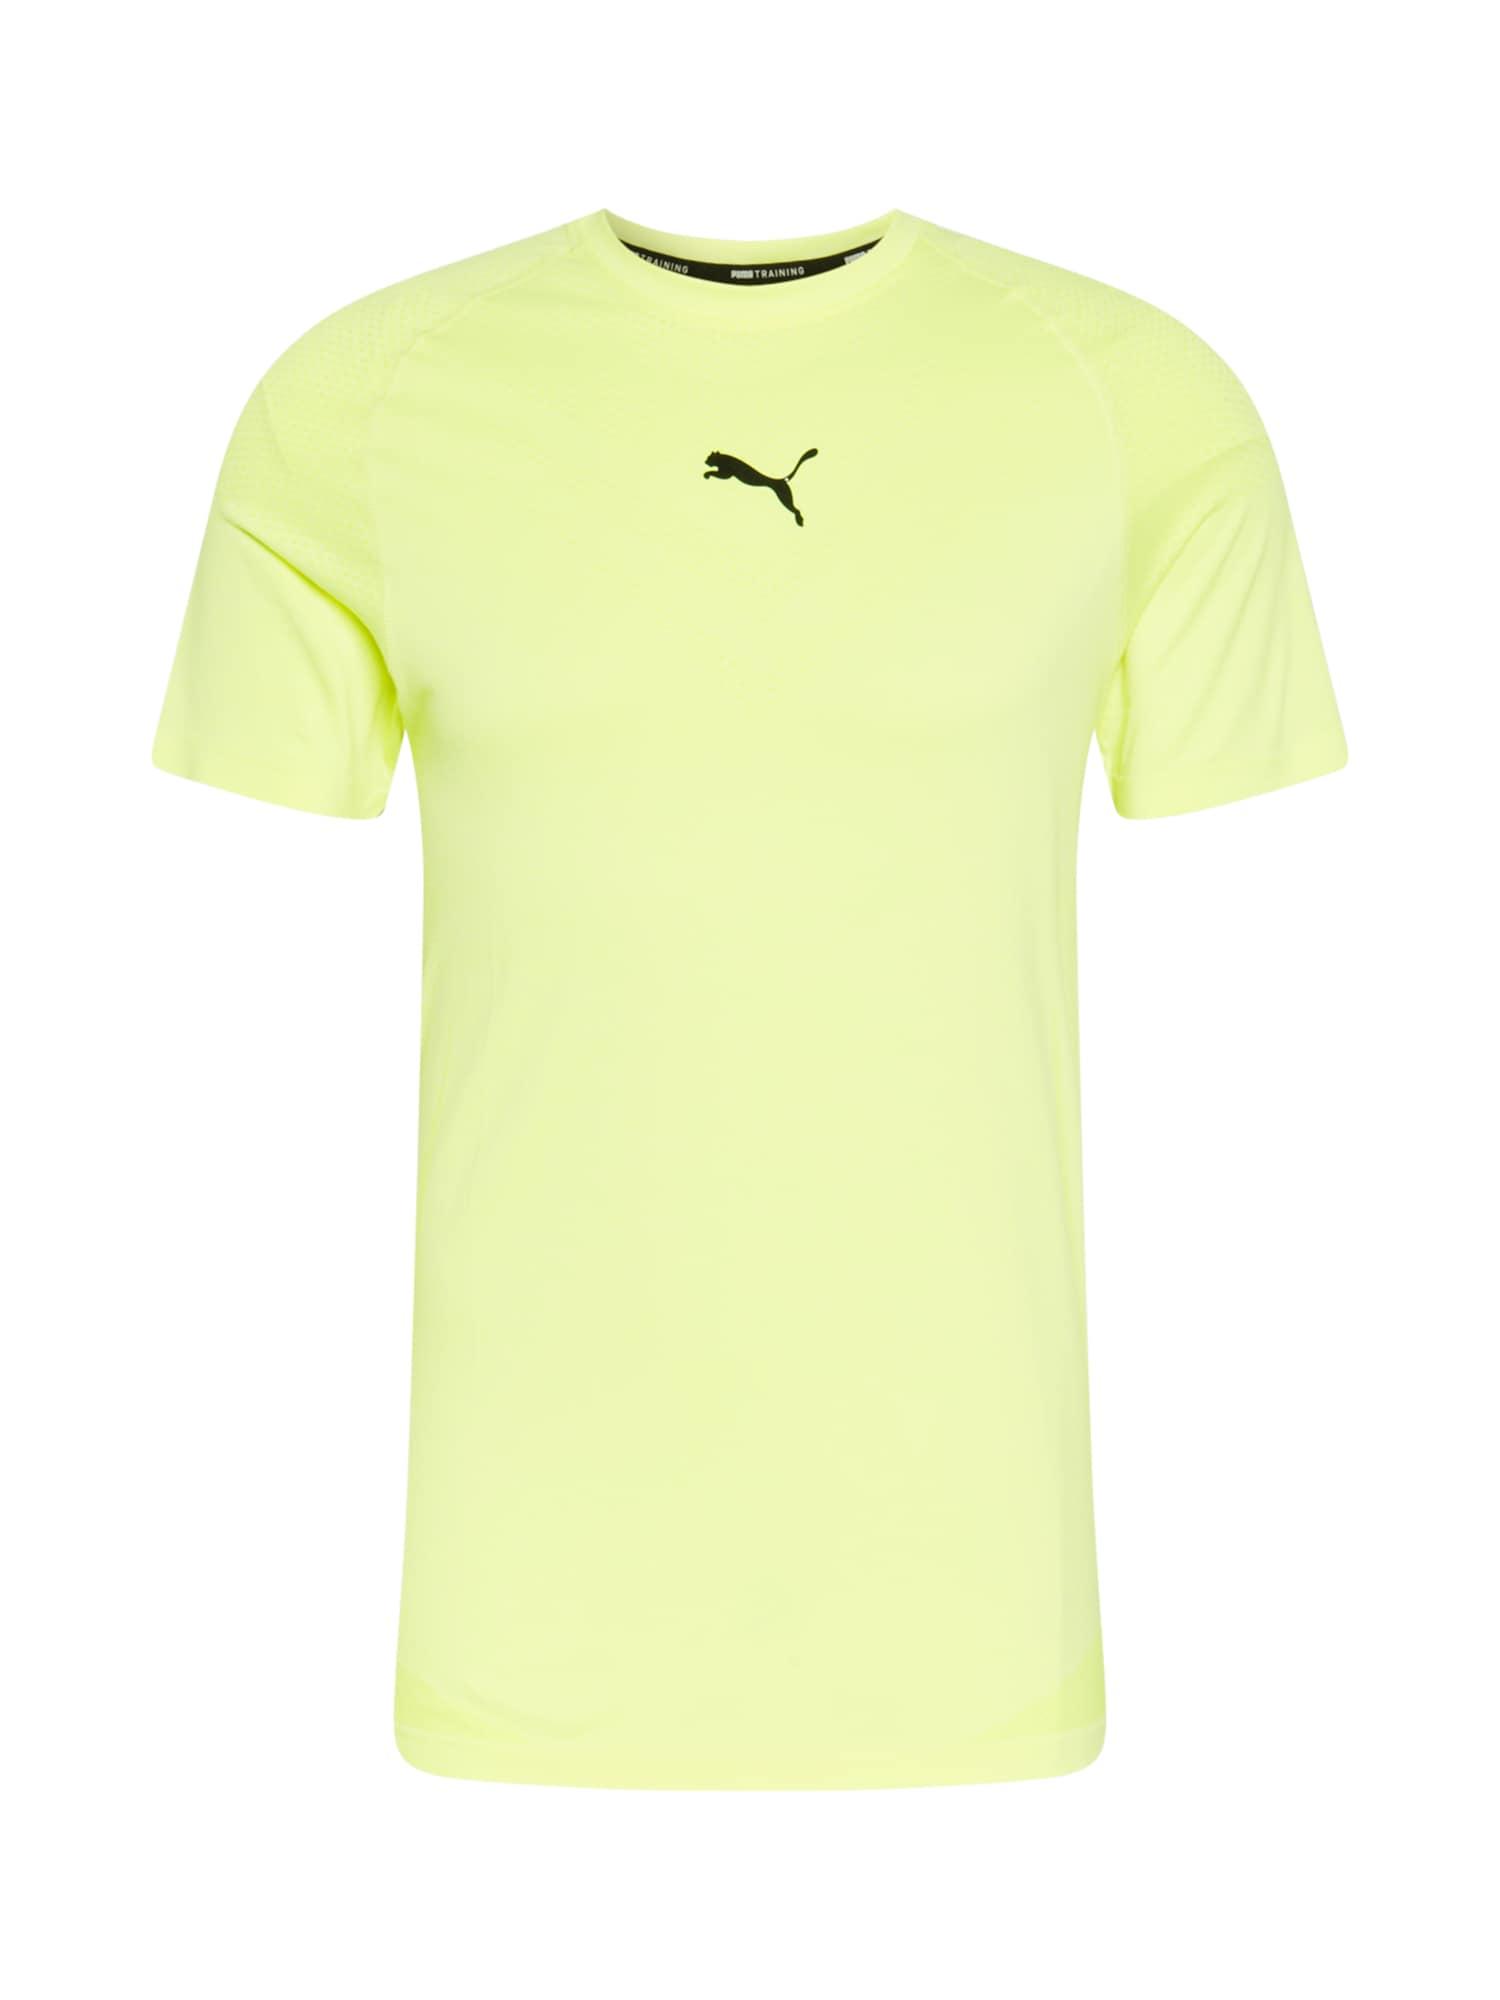 PUMA Maglia funzionale 'TRAIN TECH EVOKNIT'  giallo neon / nero male shop the look